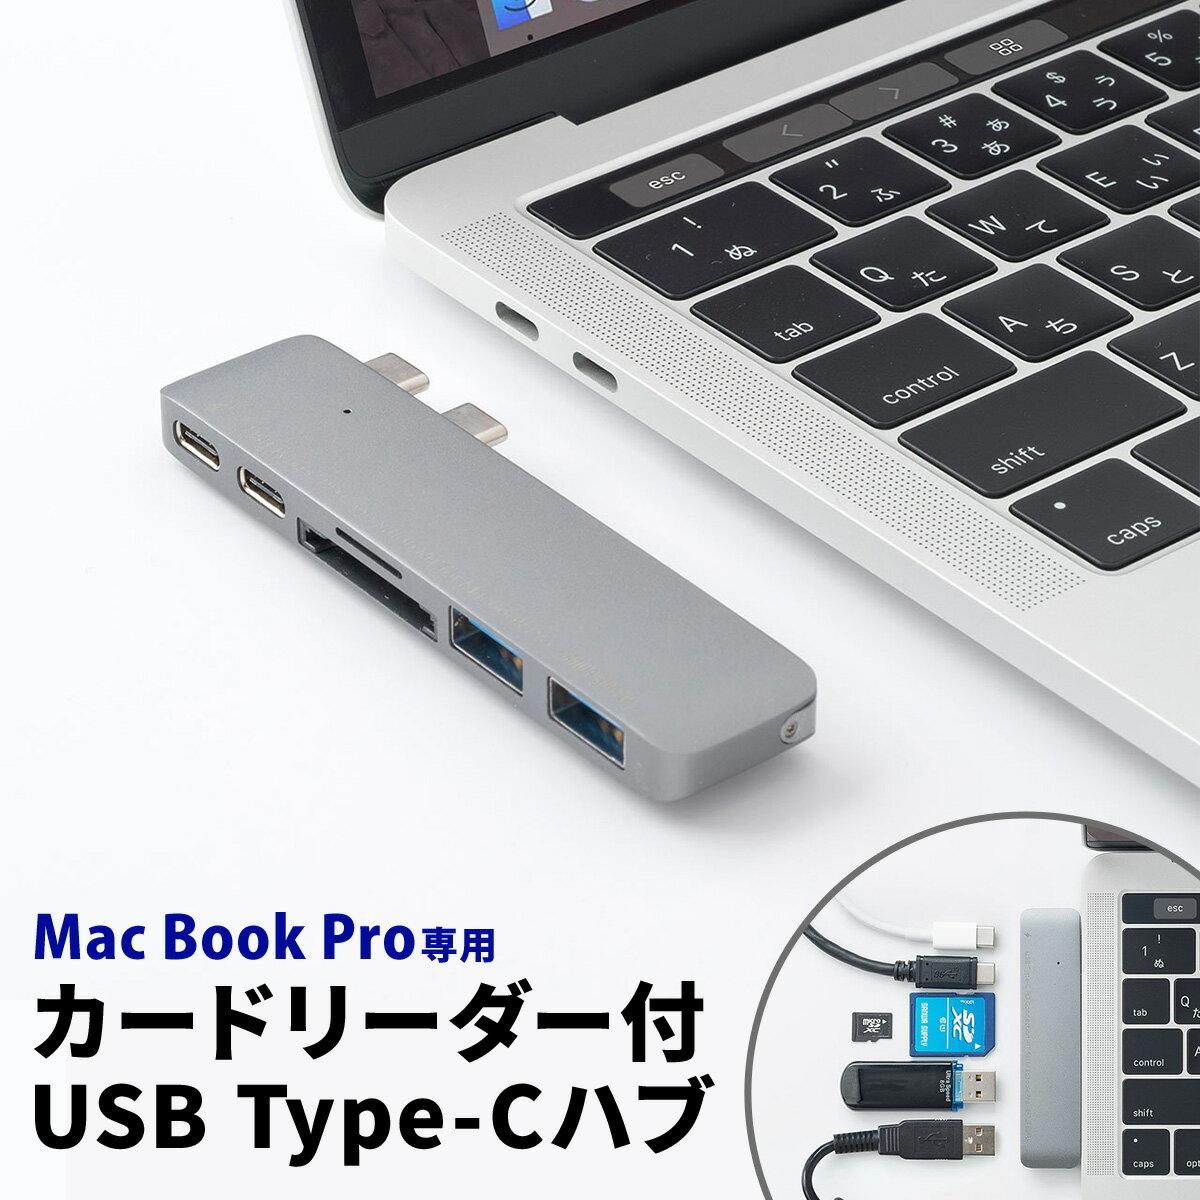 【店内全品ポイント5倍〜10/26(金)1:59まで】【ネコポス専用】MacBook Pro専用USB-Cハブ USB PD対応 USB3.0ハブ/2ポート microSD/SDカードリーダー付 USBハブ 3.0 Type Cハブ[400-ADR311]【サンワダイレクト限定品】 【送料無料】